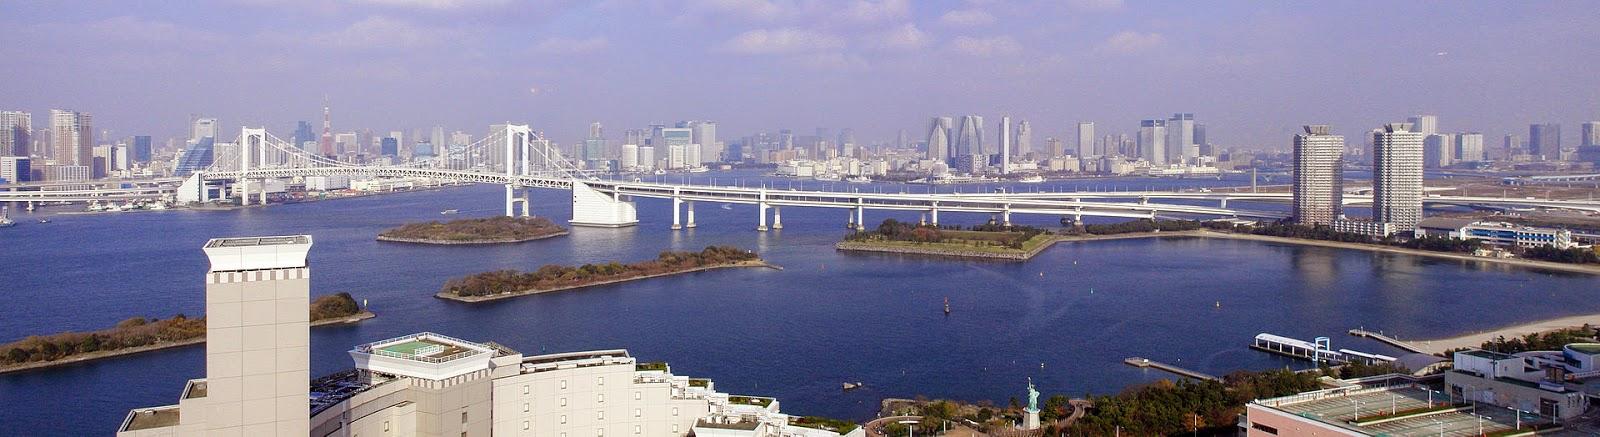 Ingebjørgs reiseblogg   å reise er å leve: japan   soloppgangens land